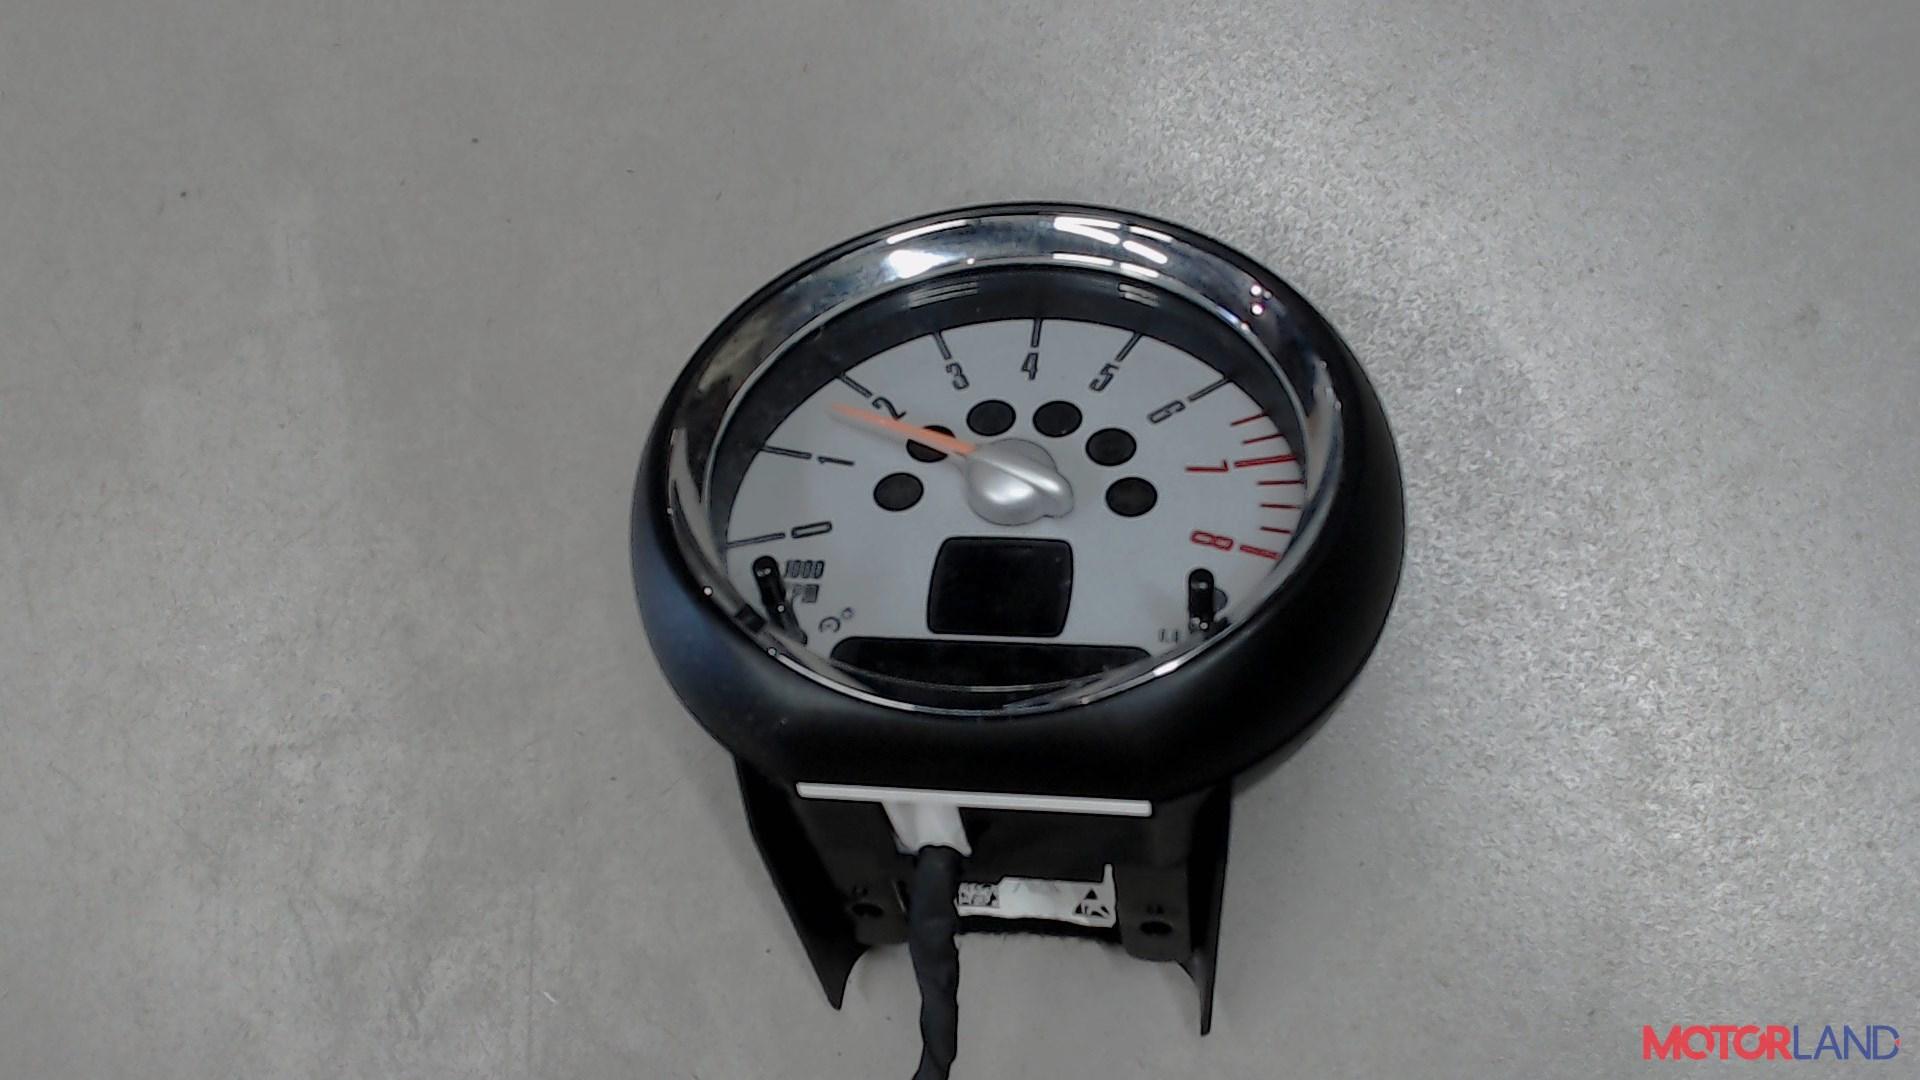 Щиток приборов (приборная панель) [AdditionalType] Mini Cooper 2001-2010, [КонстрНомер-Артикул] #1